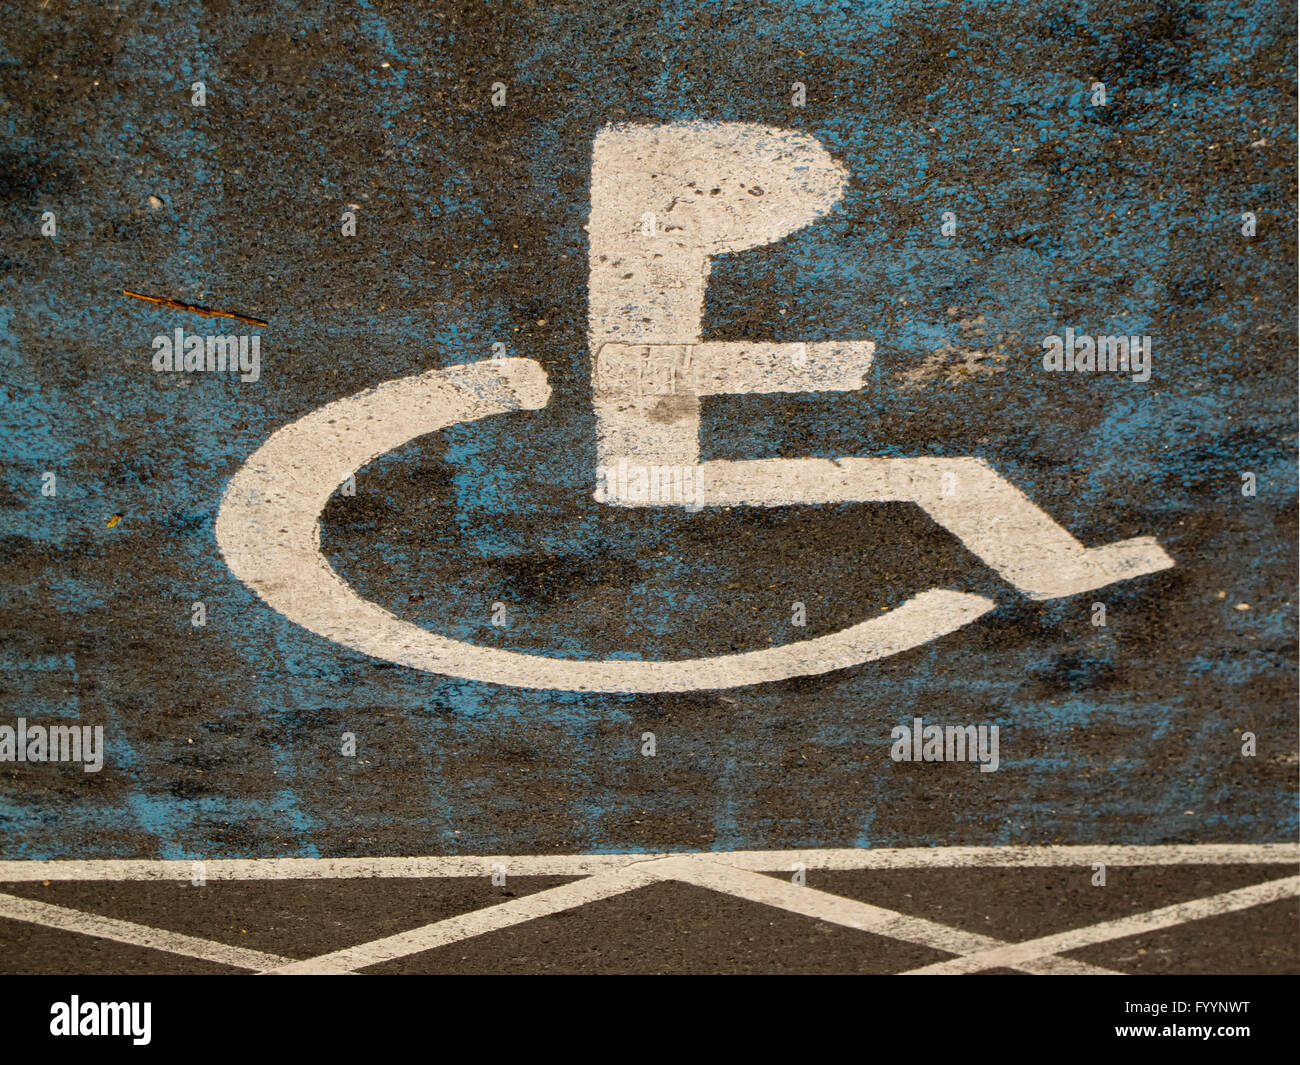 Disabilità simbolo di parcheggio per gli automobilisti con un tratteggio su strada Immagini Stock